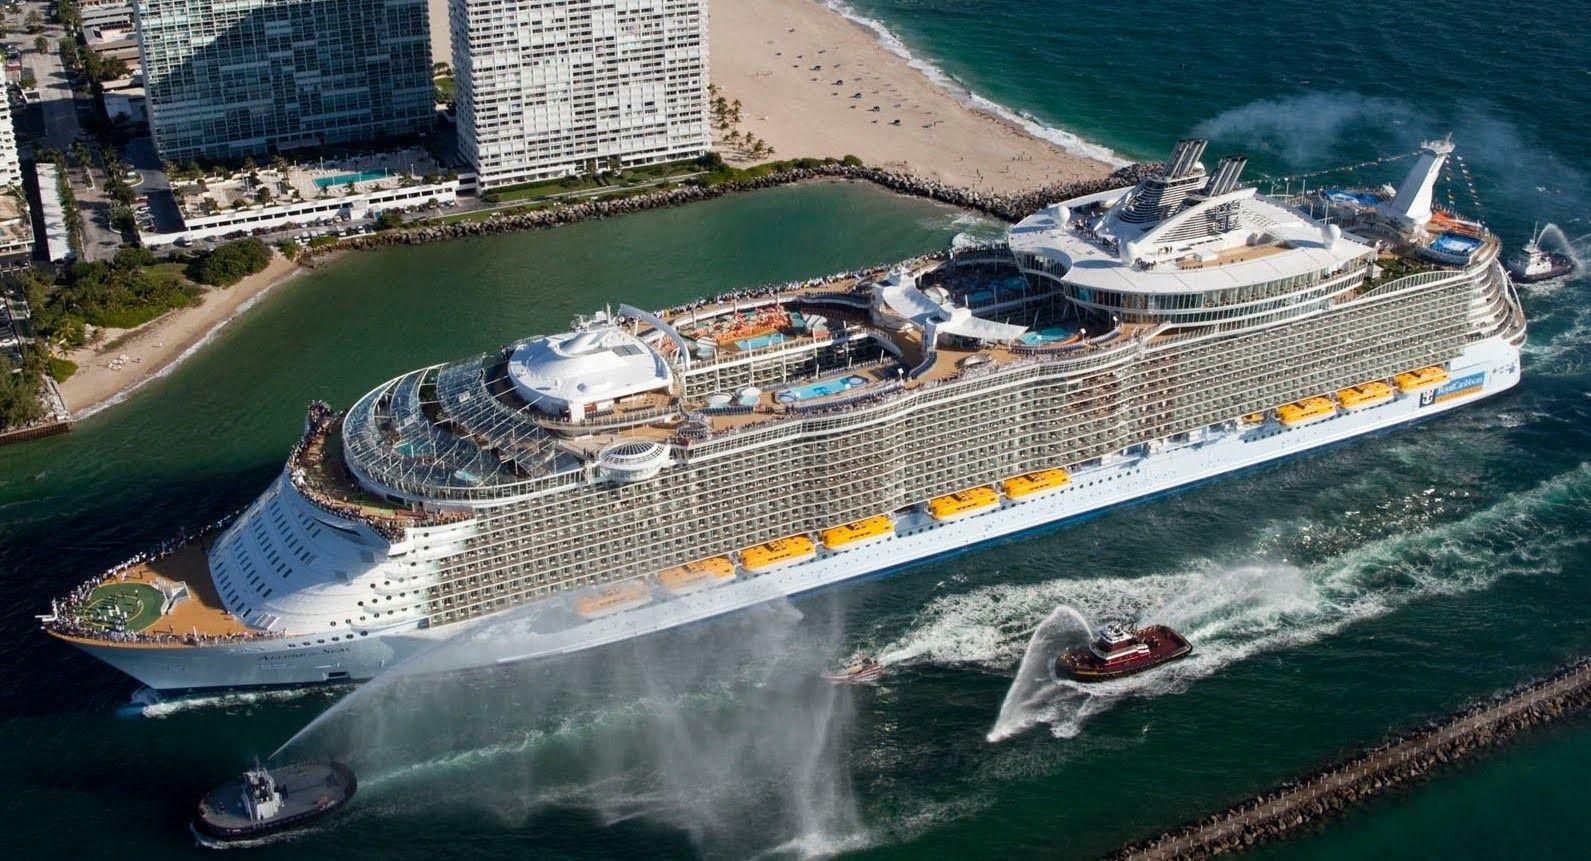 皇家加勒比郵輪 海洋魅力號<br>Royal Caribbean Cruise Allure of the seas<br>西地中海橄欖假期10日